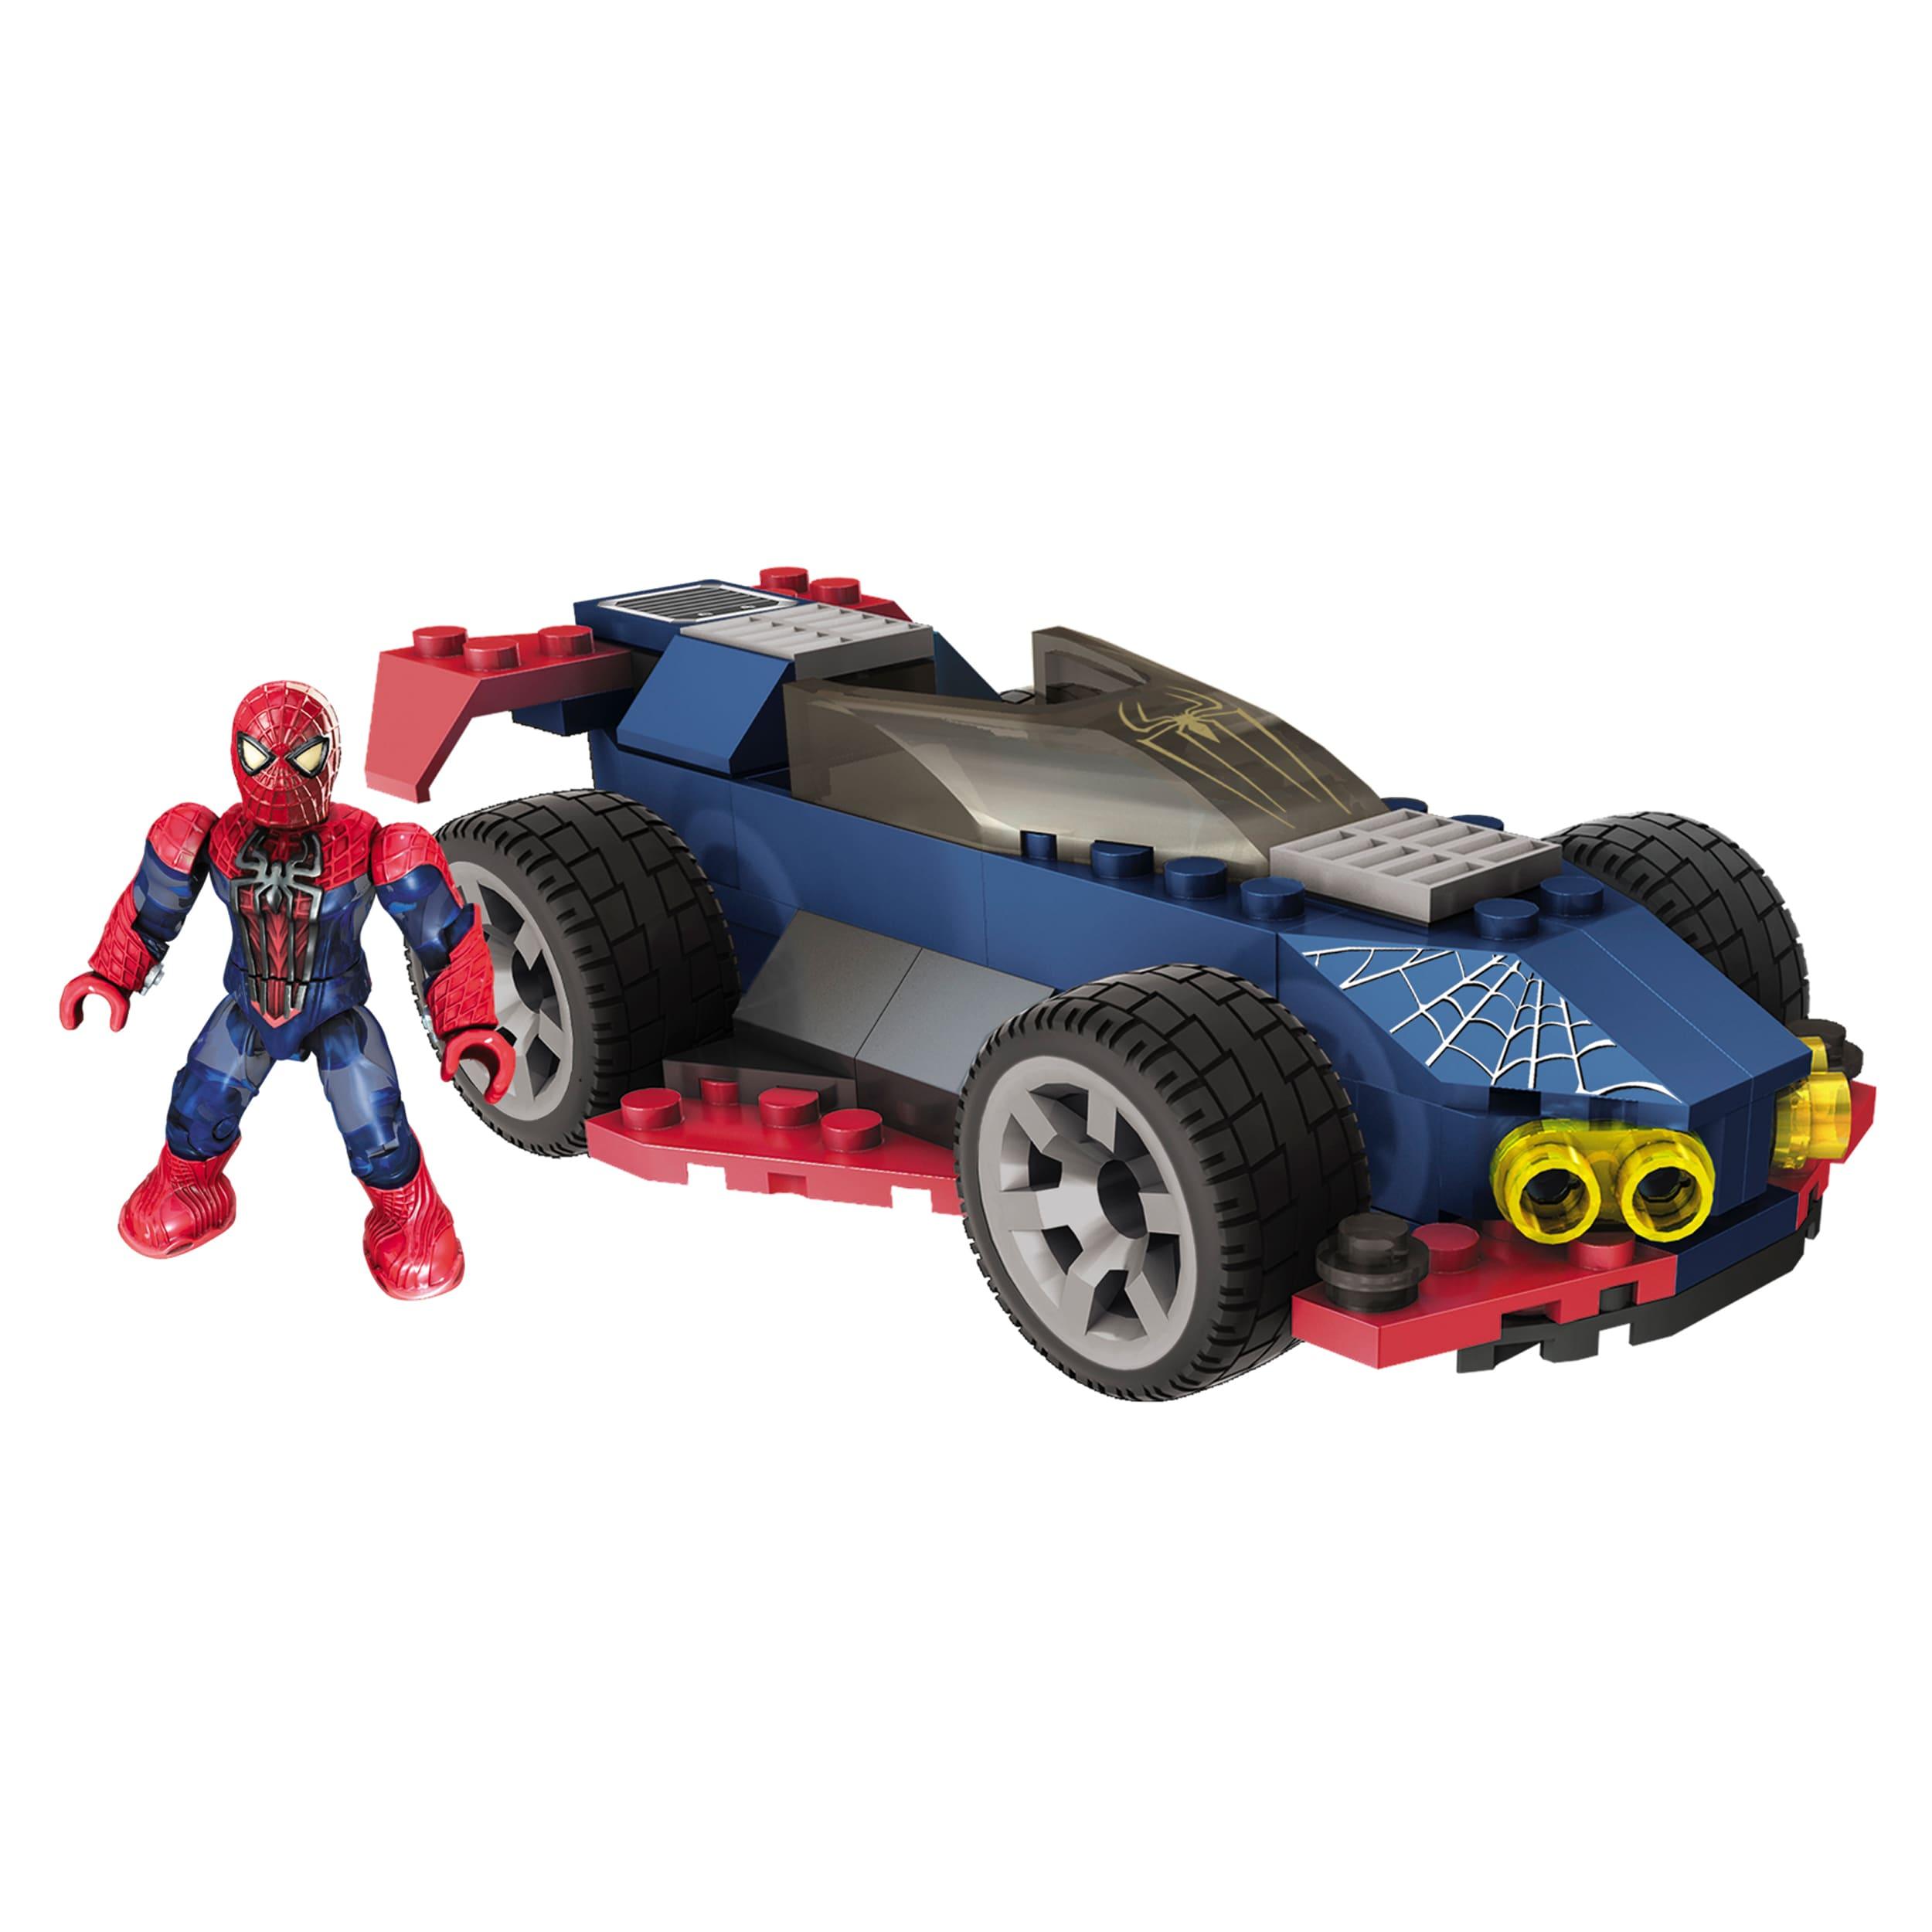 Mega Bloks Amazing Spider-Man Stealth Speeder Playset